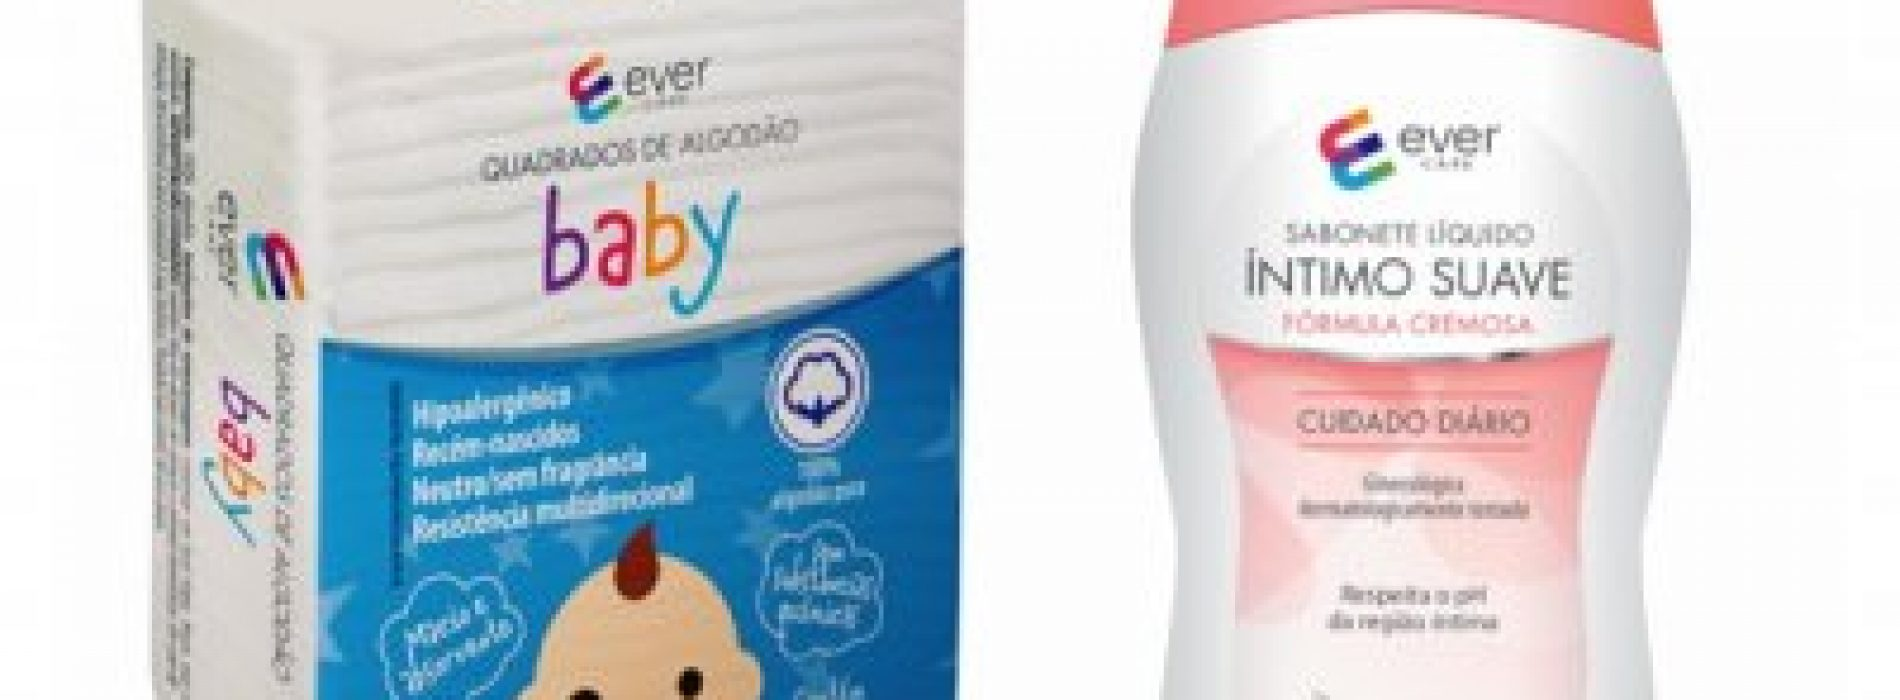 Grupo que une Drogarias Pacheco e Drogaria São Paulo investe em produtos de marca própria